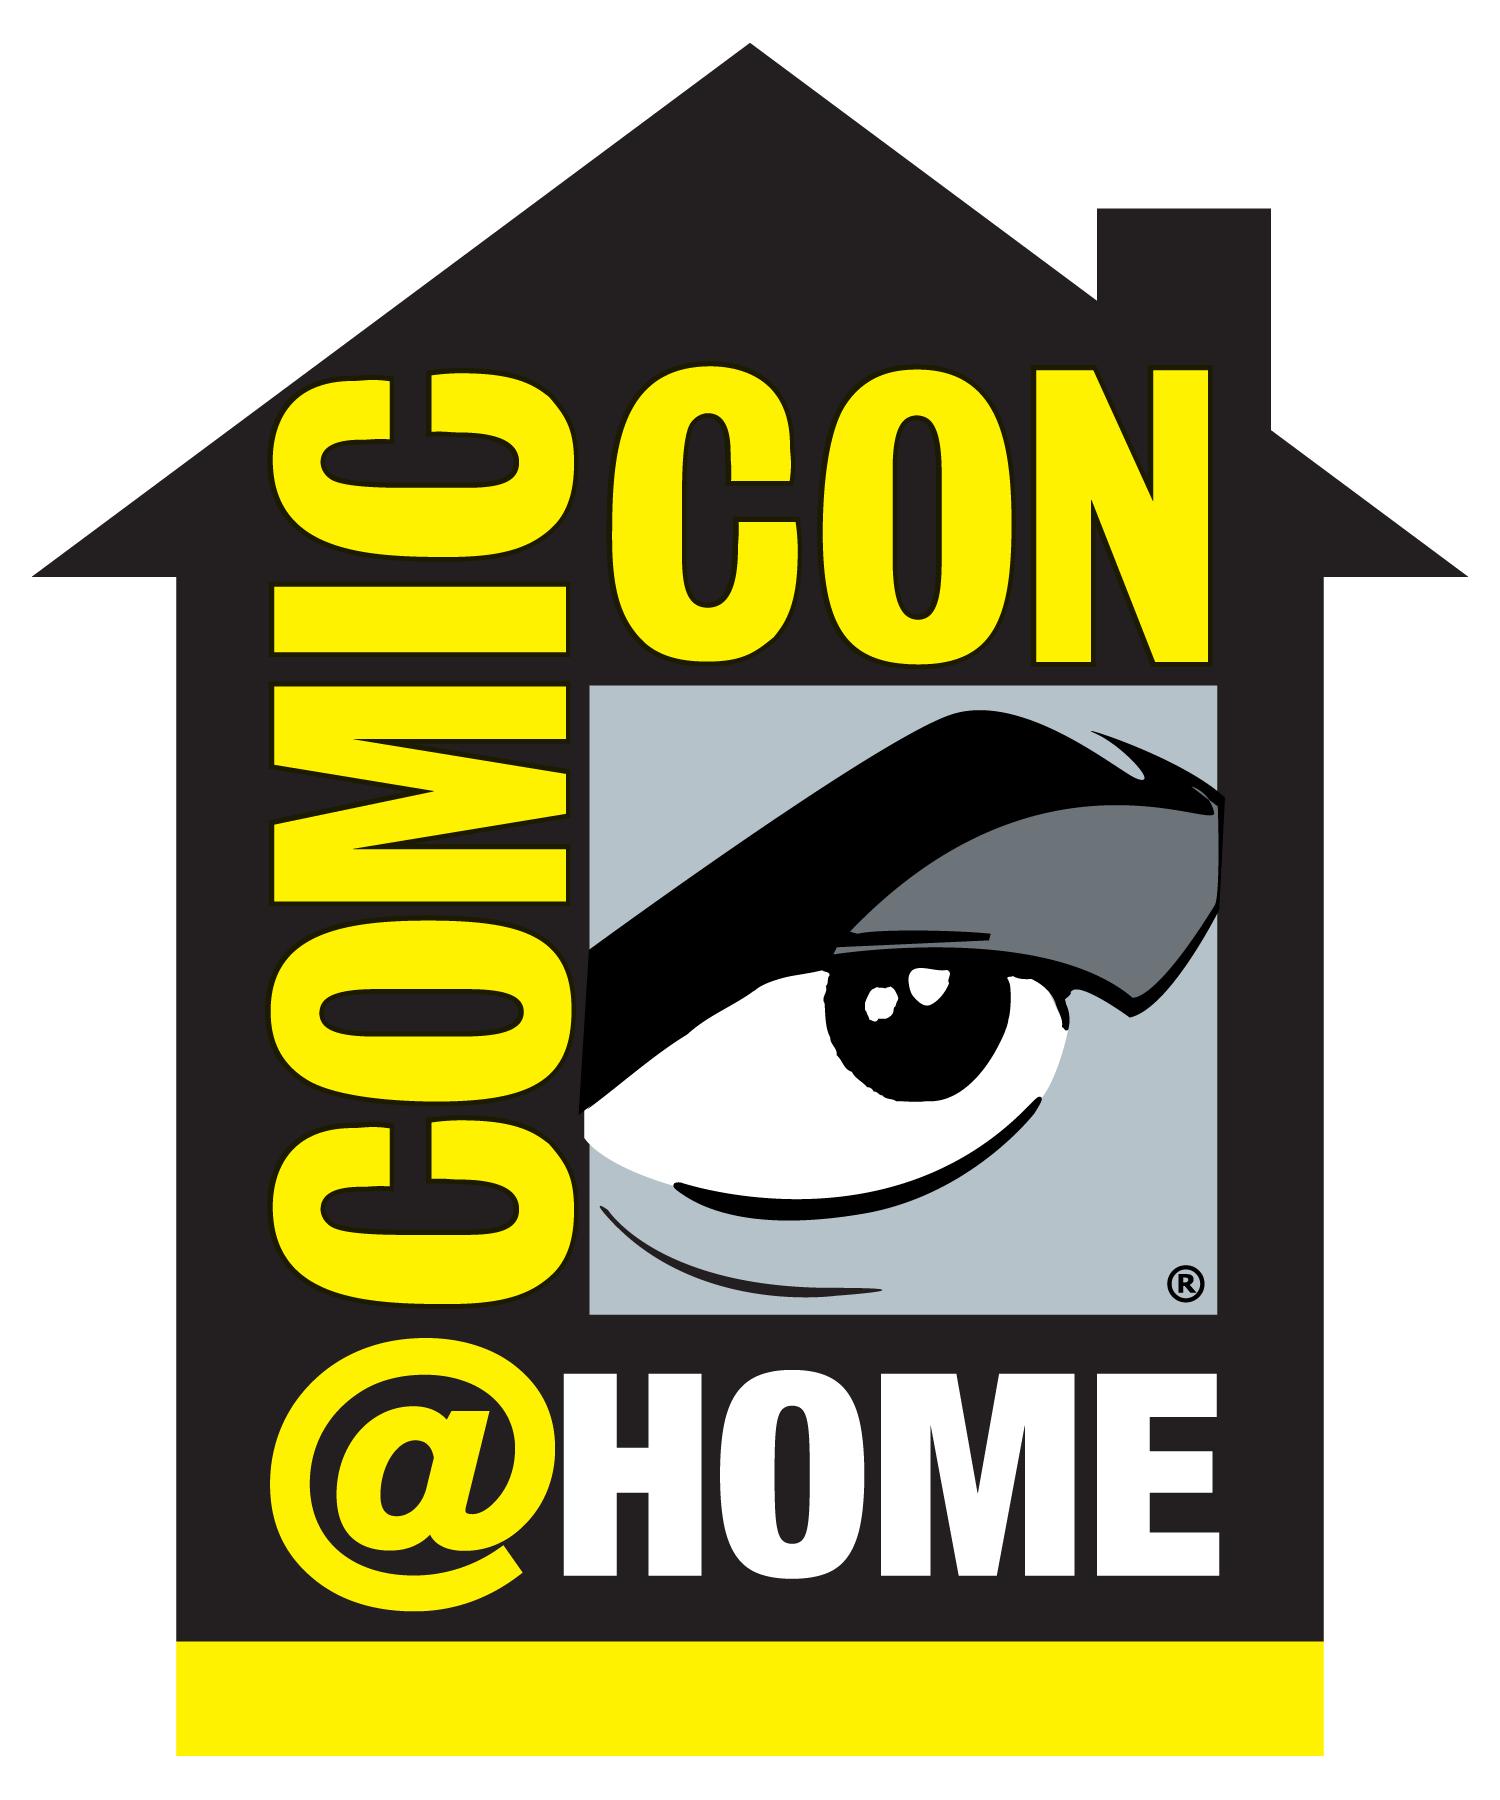 Comic-Con at home logo